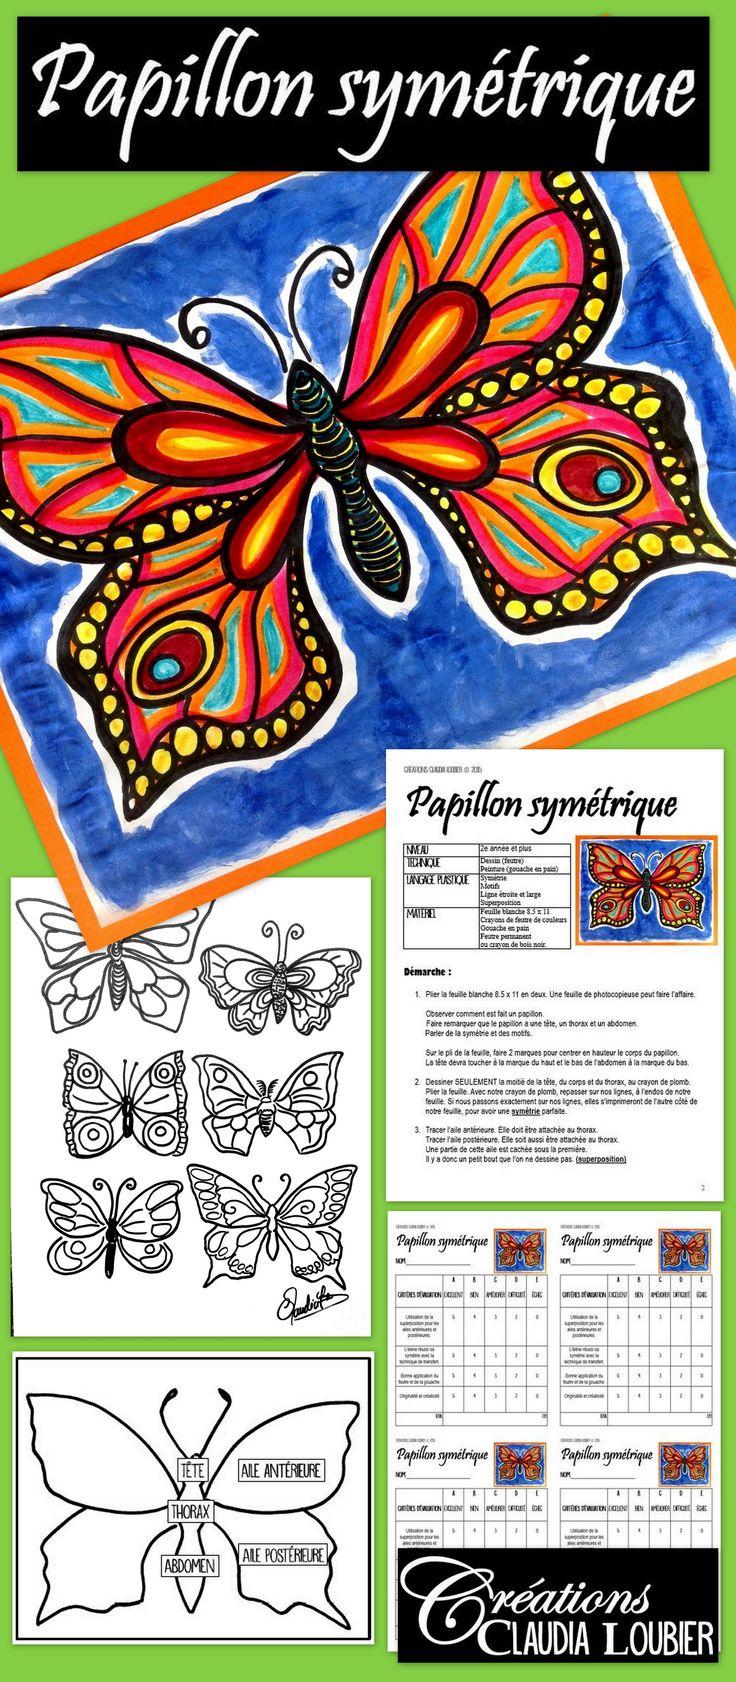 Apprenez à vos élèves à dessiner de magnifiques papillons, tout en travaillant plusieurs notions d'arts dont la symétrie, les lignes et les motifs. Pour 2e année et plus. Les premières année réussiront à le faire aussi, avec plus de supervision. Vous aurez besoin de feutres de couleurs, de crayon de bois noir ou de feutre permanent et de gouache en pain. Démarche complète pour réaliser le projet, la grille d'évaluation et les photos explicatives.